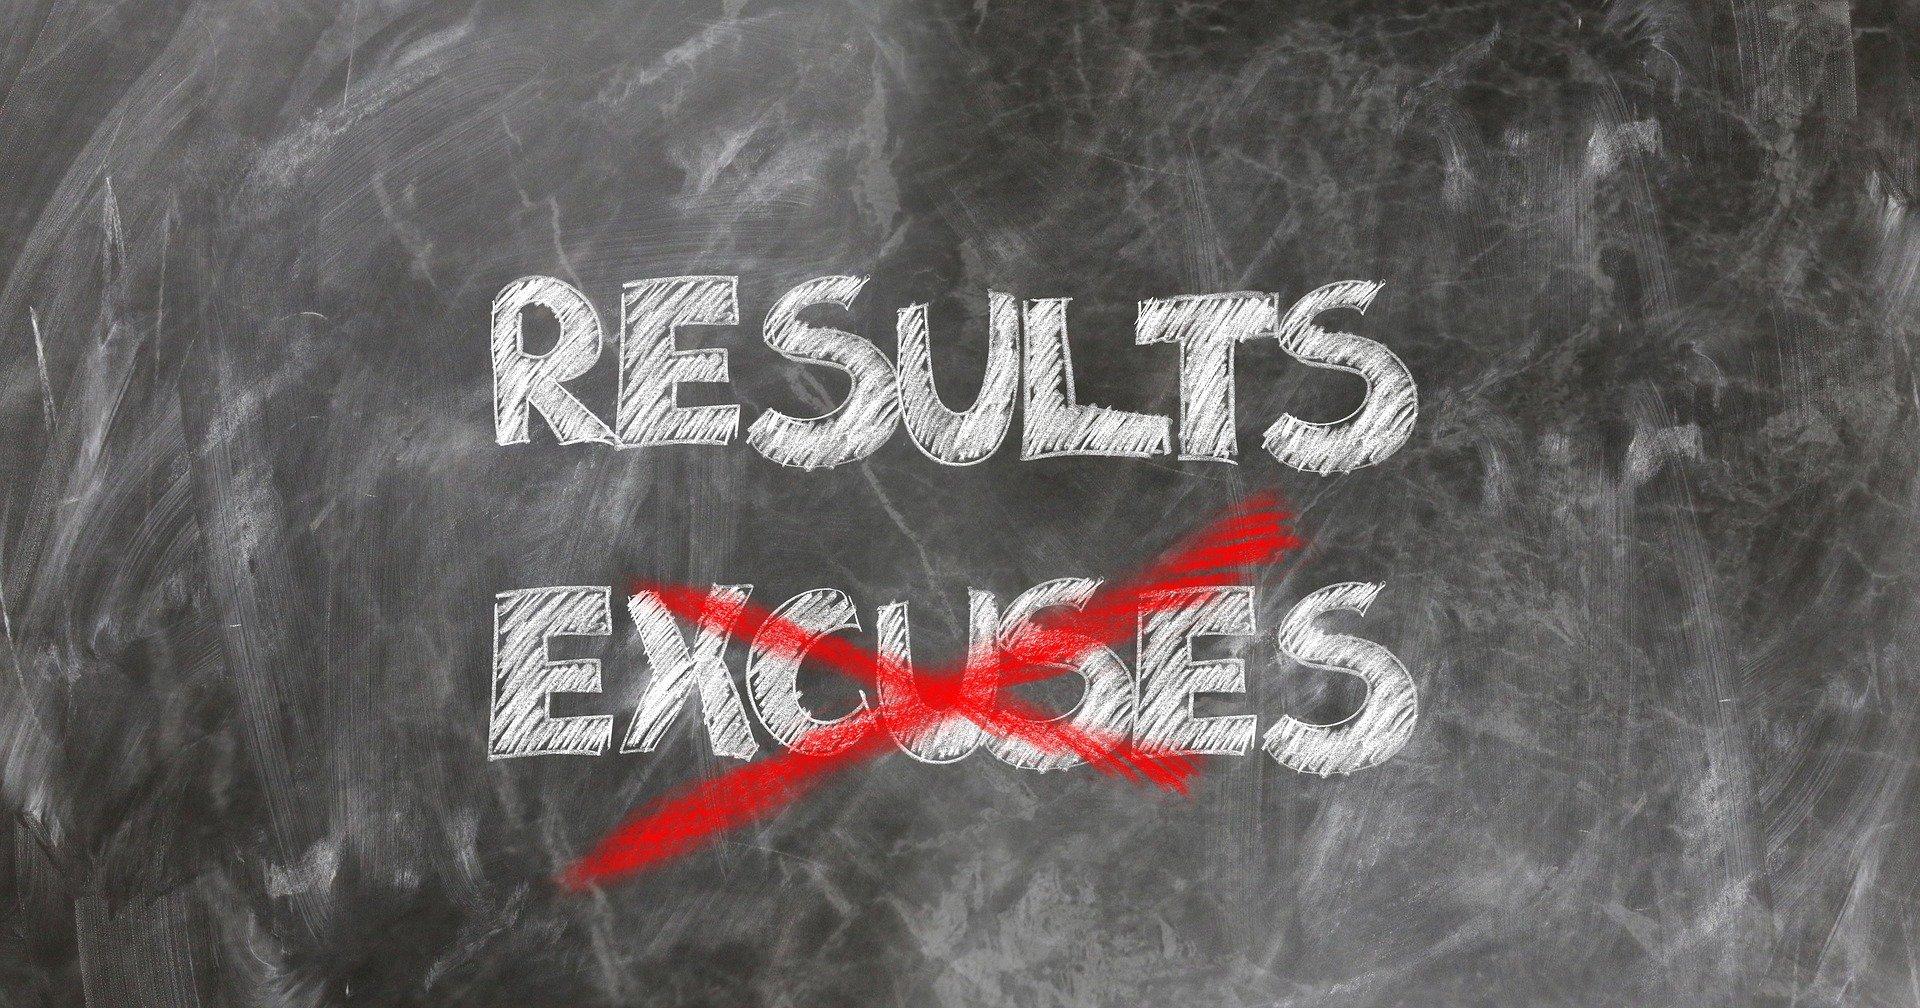 Cambia tus resultados